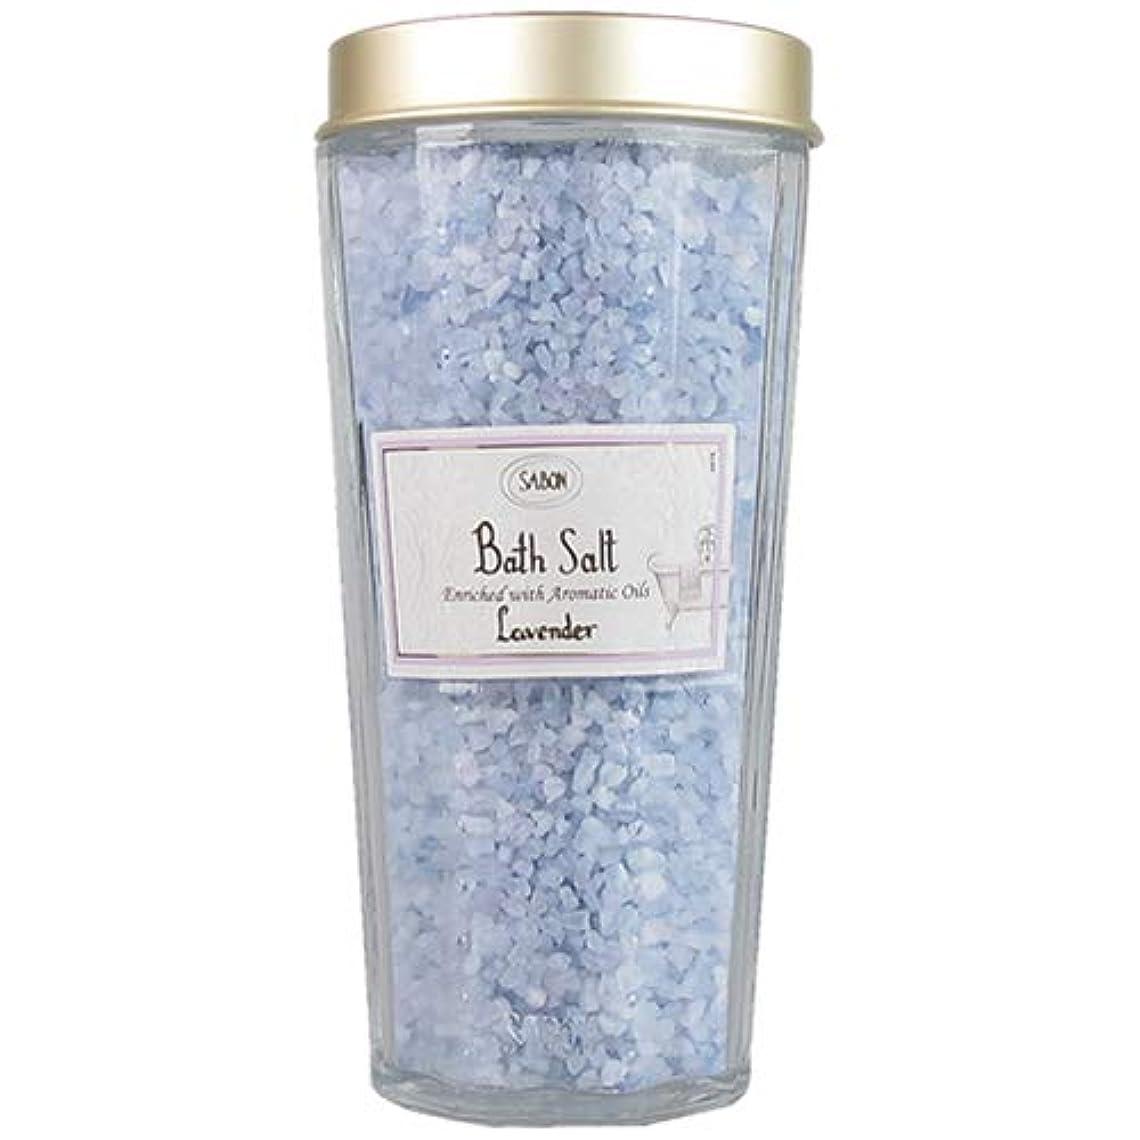 居間常にアッパーサボン バスソルト ラベンダー 350g SABON [入浴剤] Bath Salt [並行輸入品]